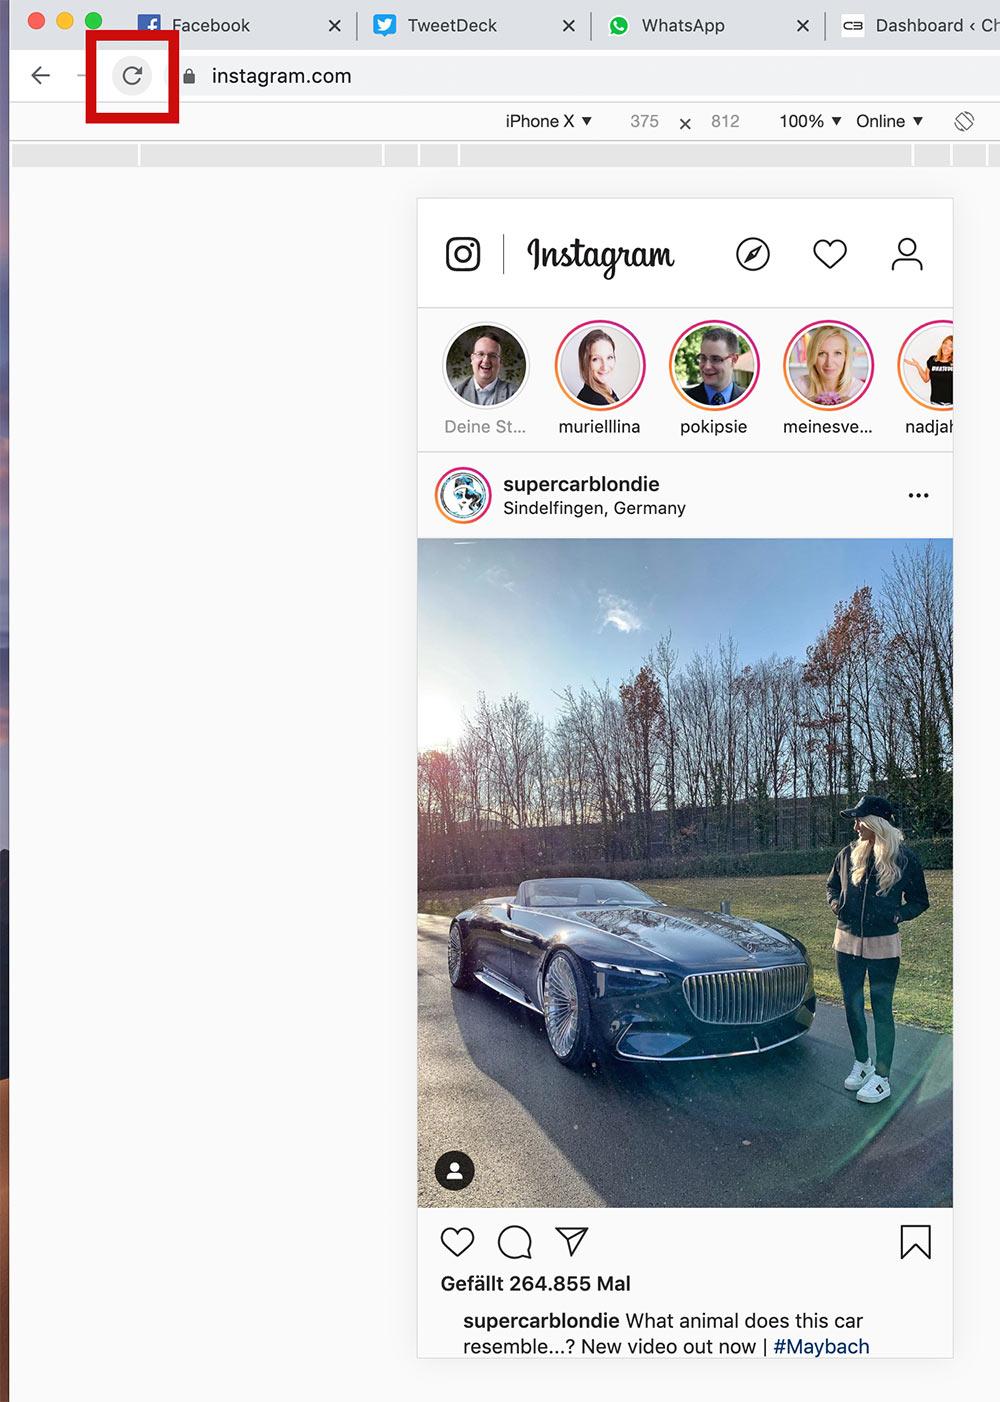 instagram anleitung posten pc mac 3c - Bilder auf Instagram mit PC oder Mac hochladen